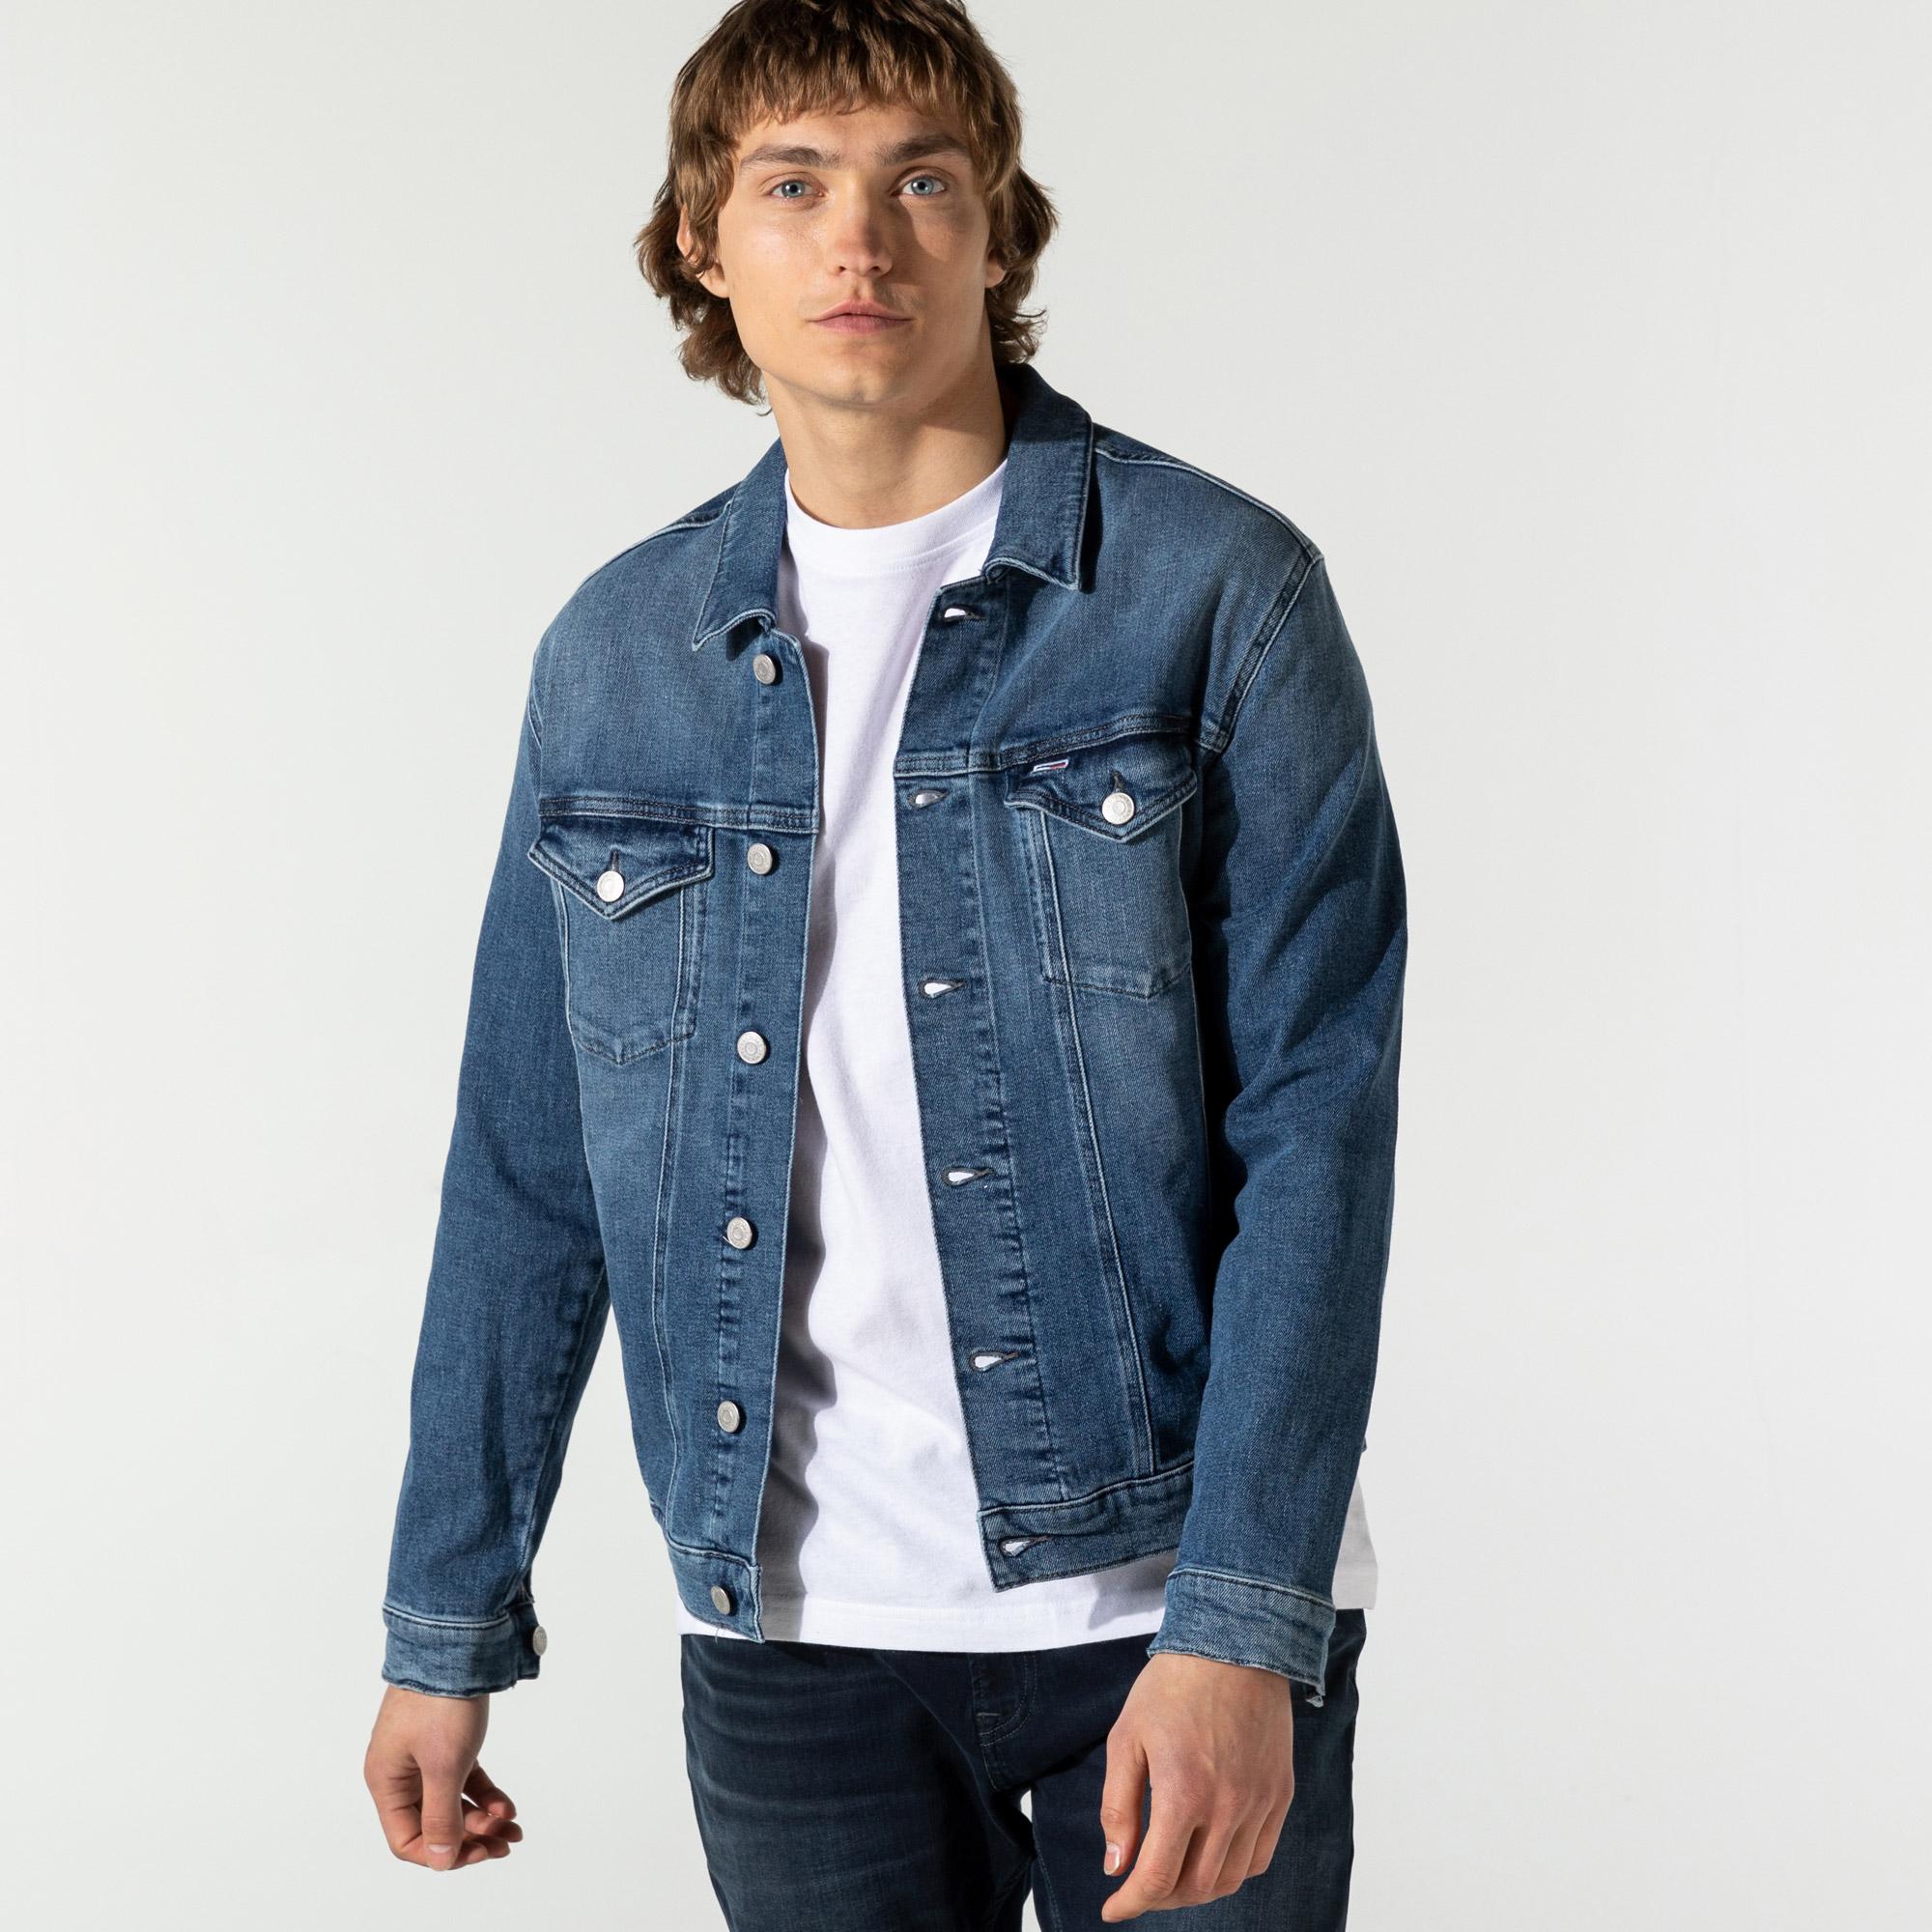 Tommy Hilfiger Regular Trucker Jacket Lmbc Erkek Mavi Ceket